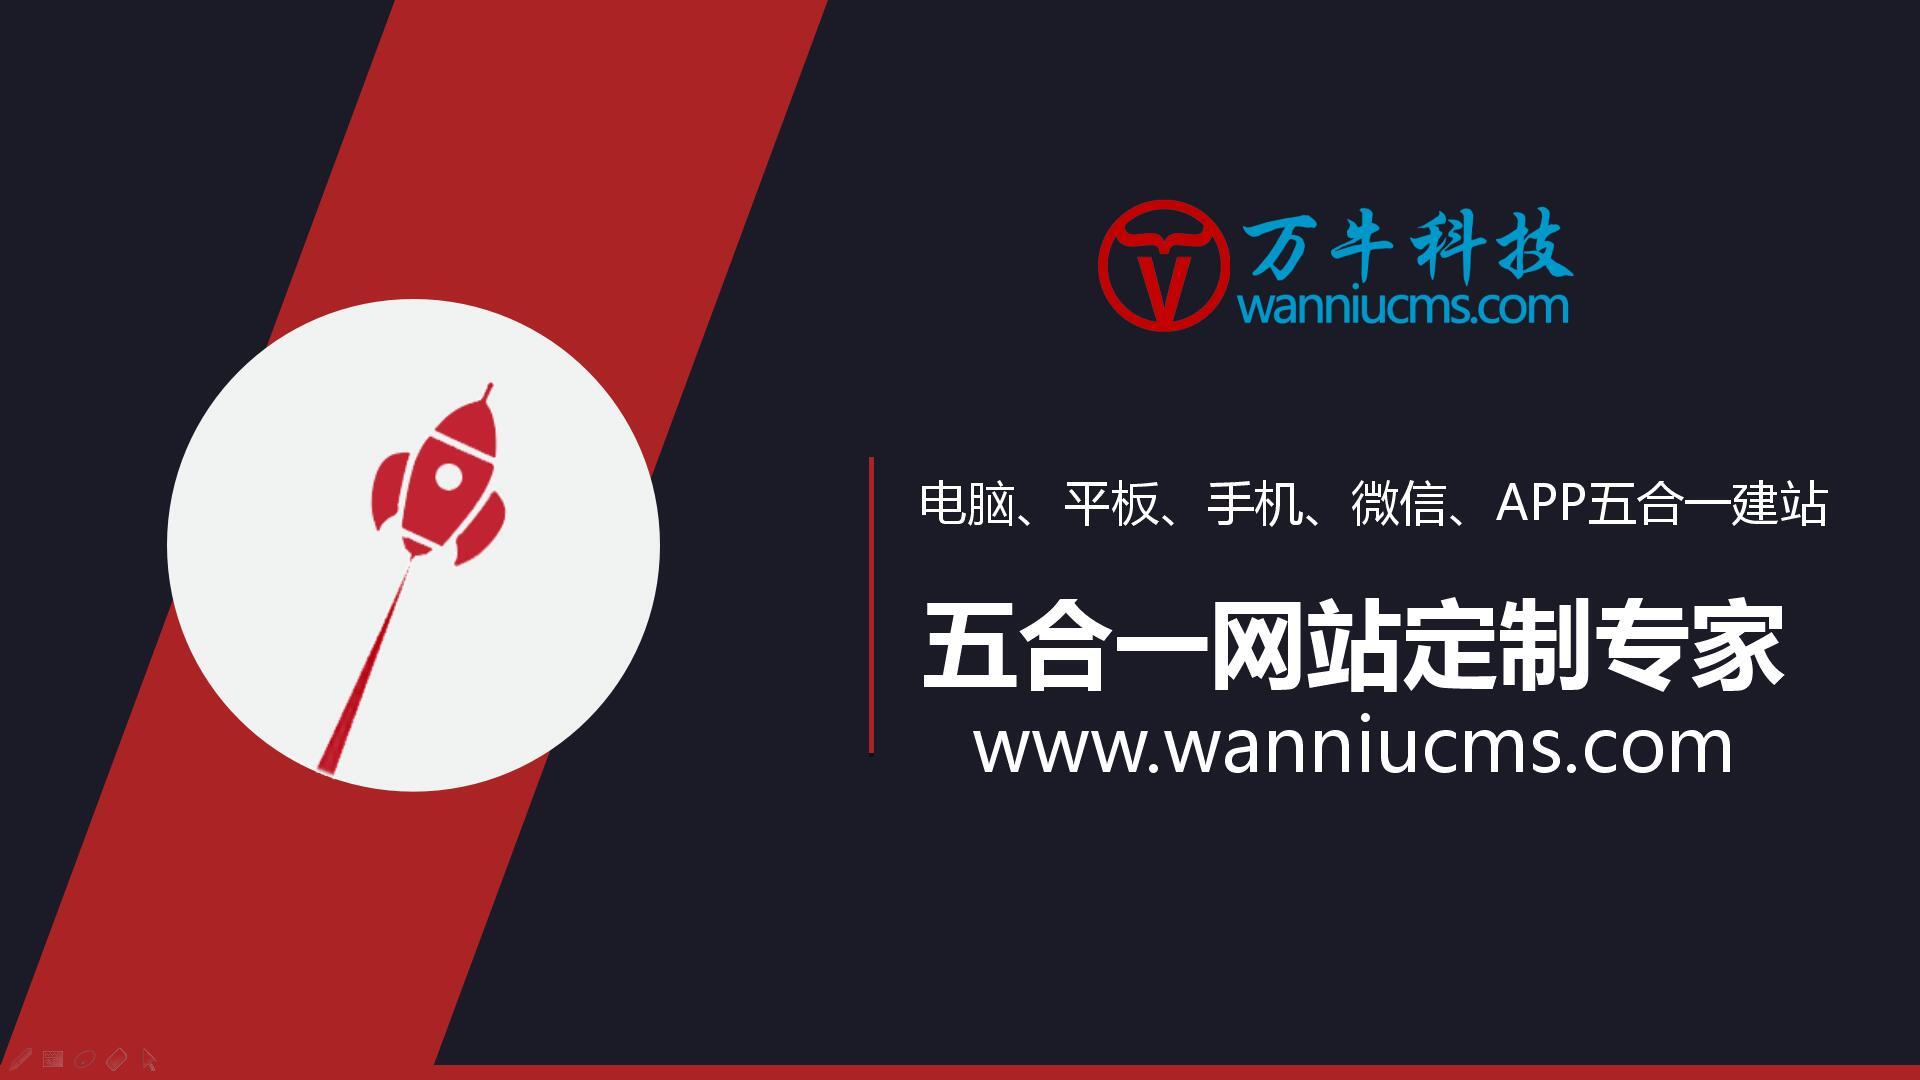 宿迁万牛科技建站宣传片